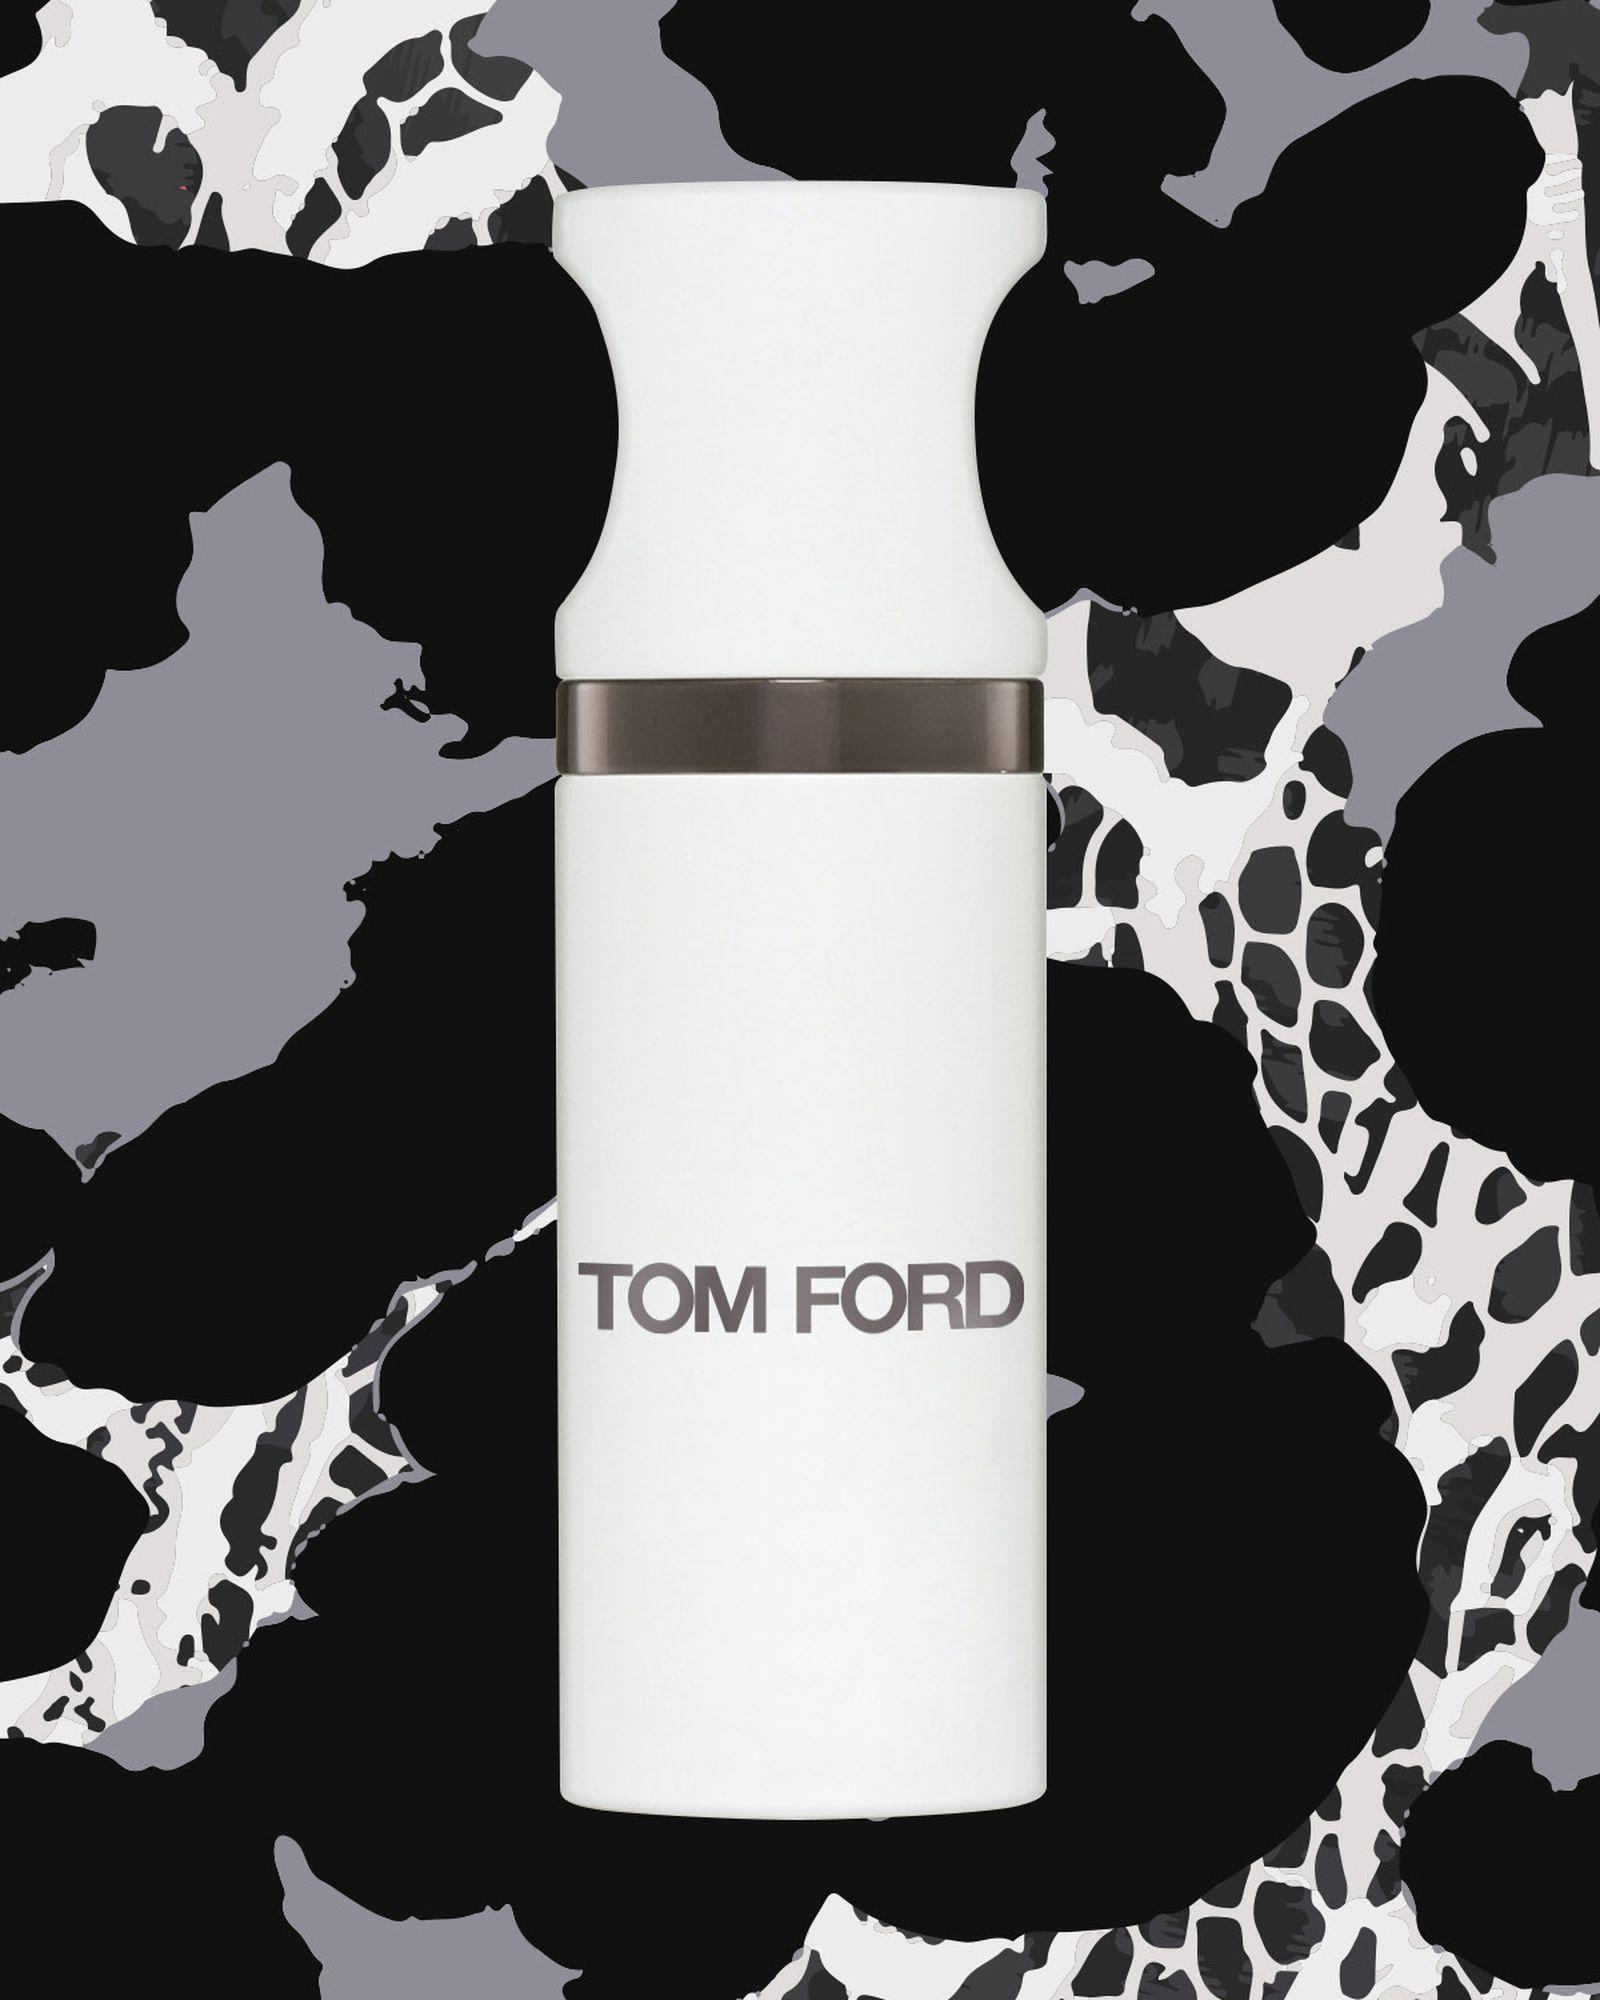 skincare-fashion-brands-Tom Ford_Tom Ford_1200x1500_dev02